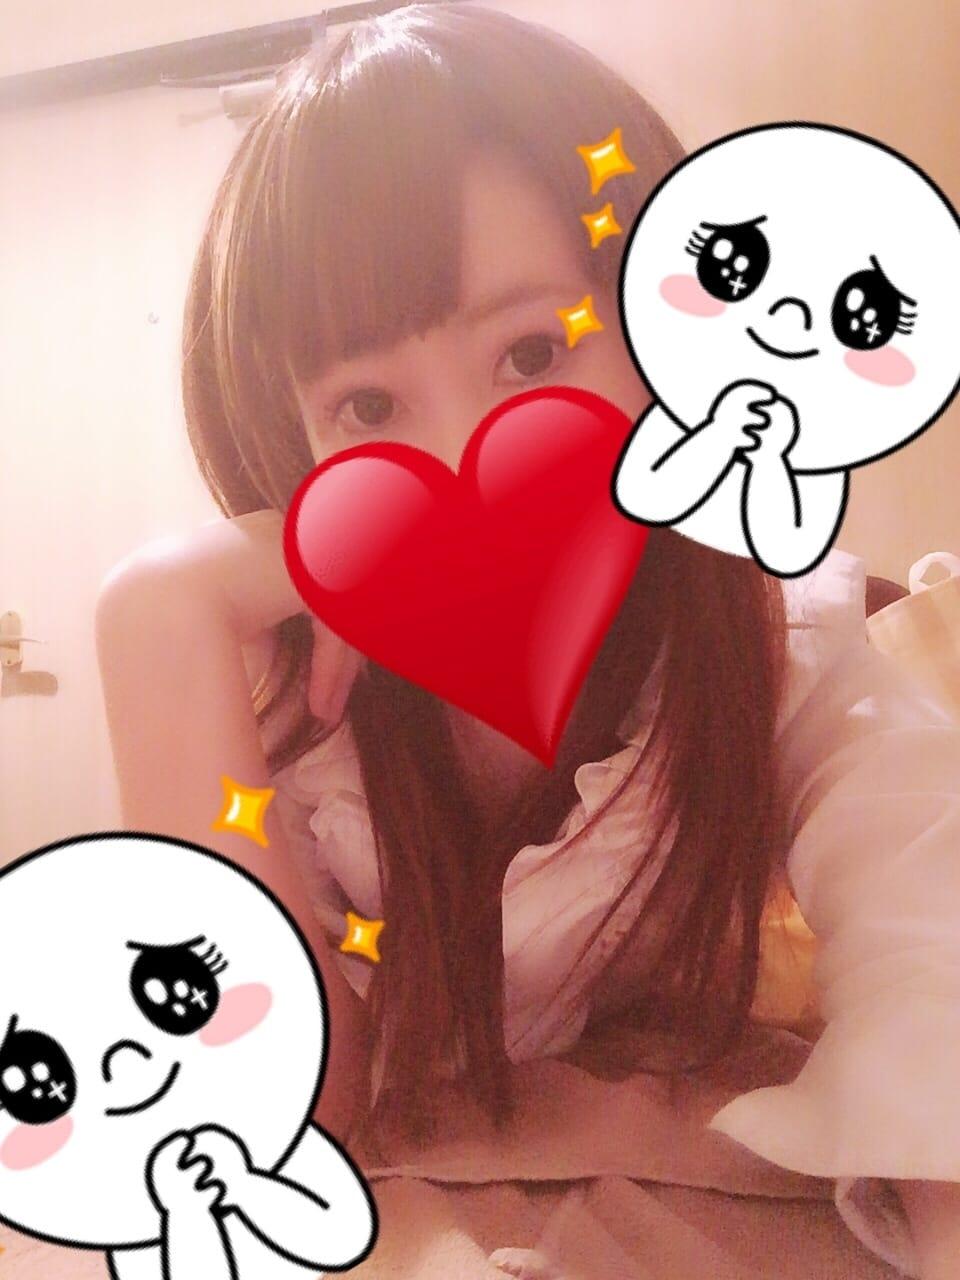 桜木ももえ「^ ^」02/19(月) 22:25 | 桜木ももえの写メ・風俗動画